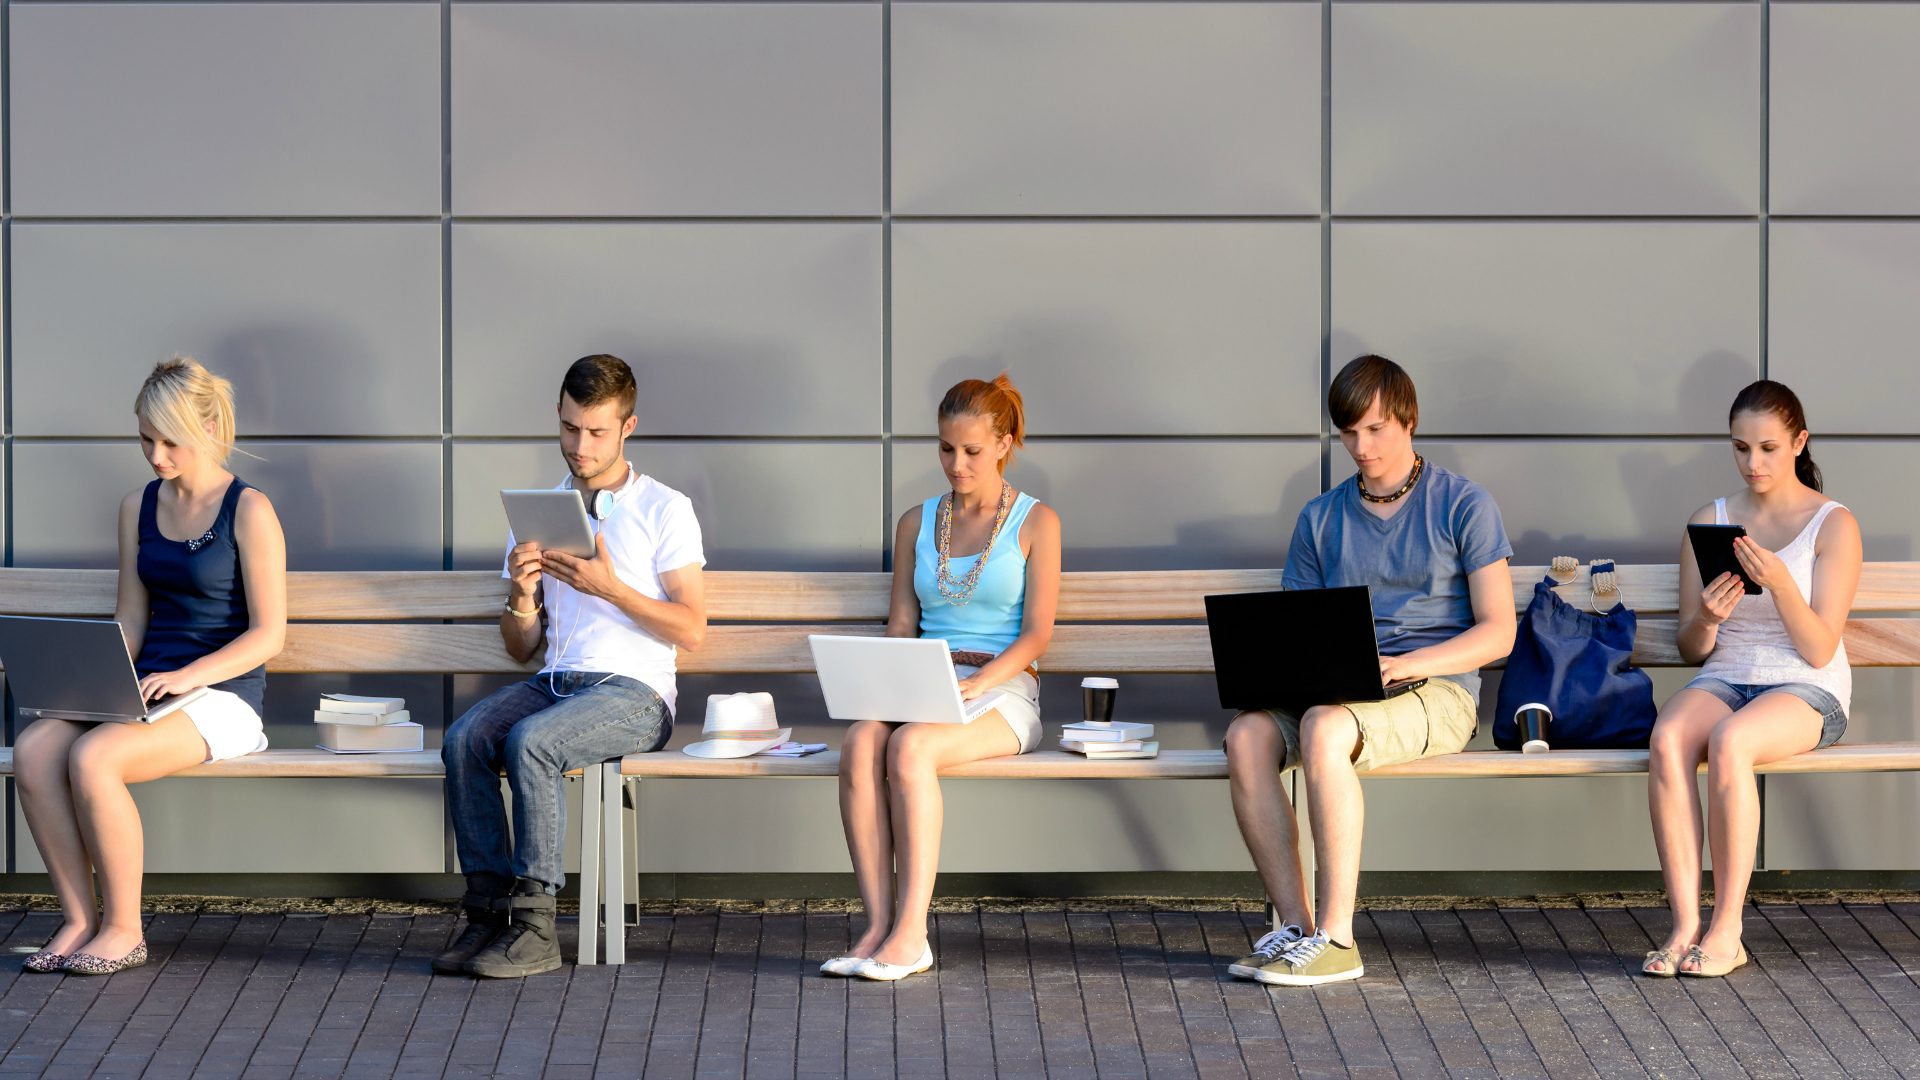 La dependencia digital se nota especialmente en las nuevas camadas de estudiantes universitarios, según Coursesmart. (iStock)